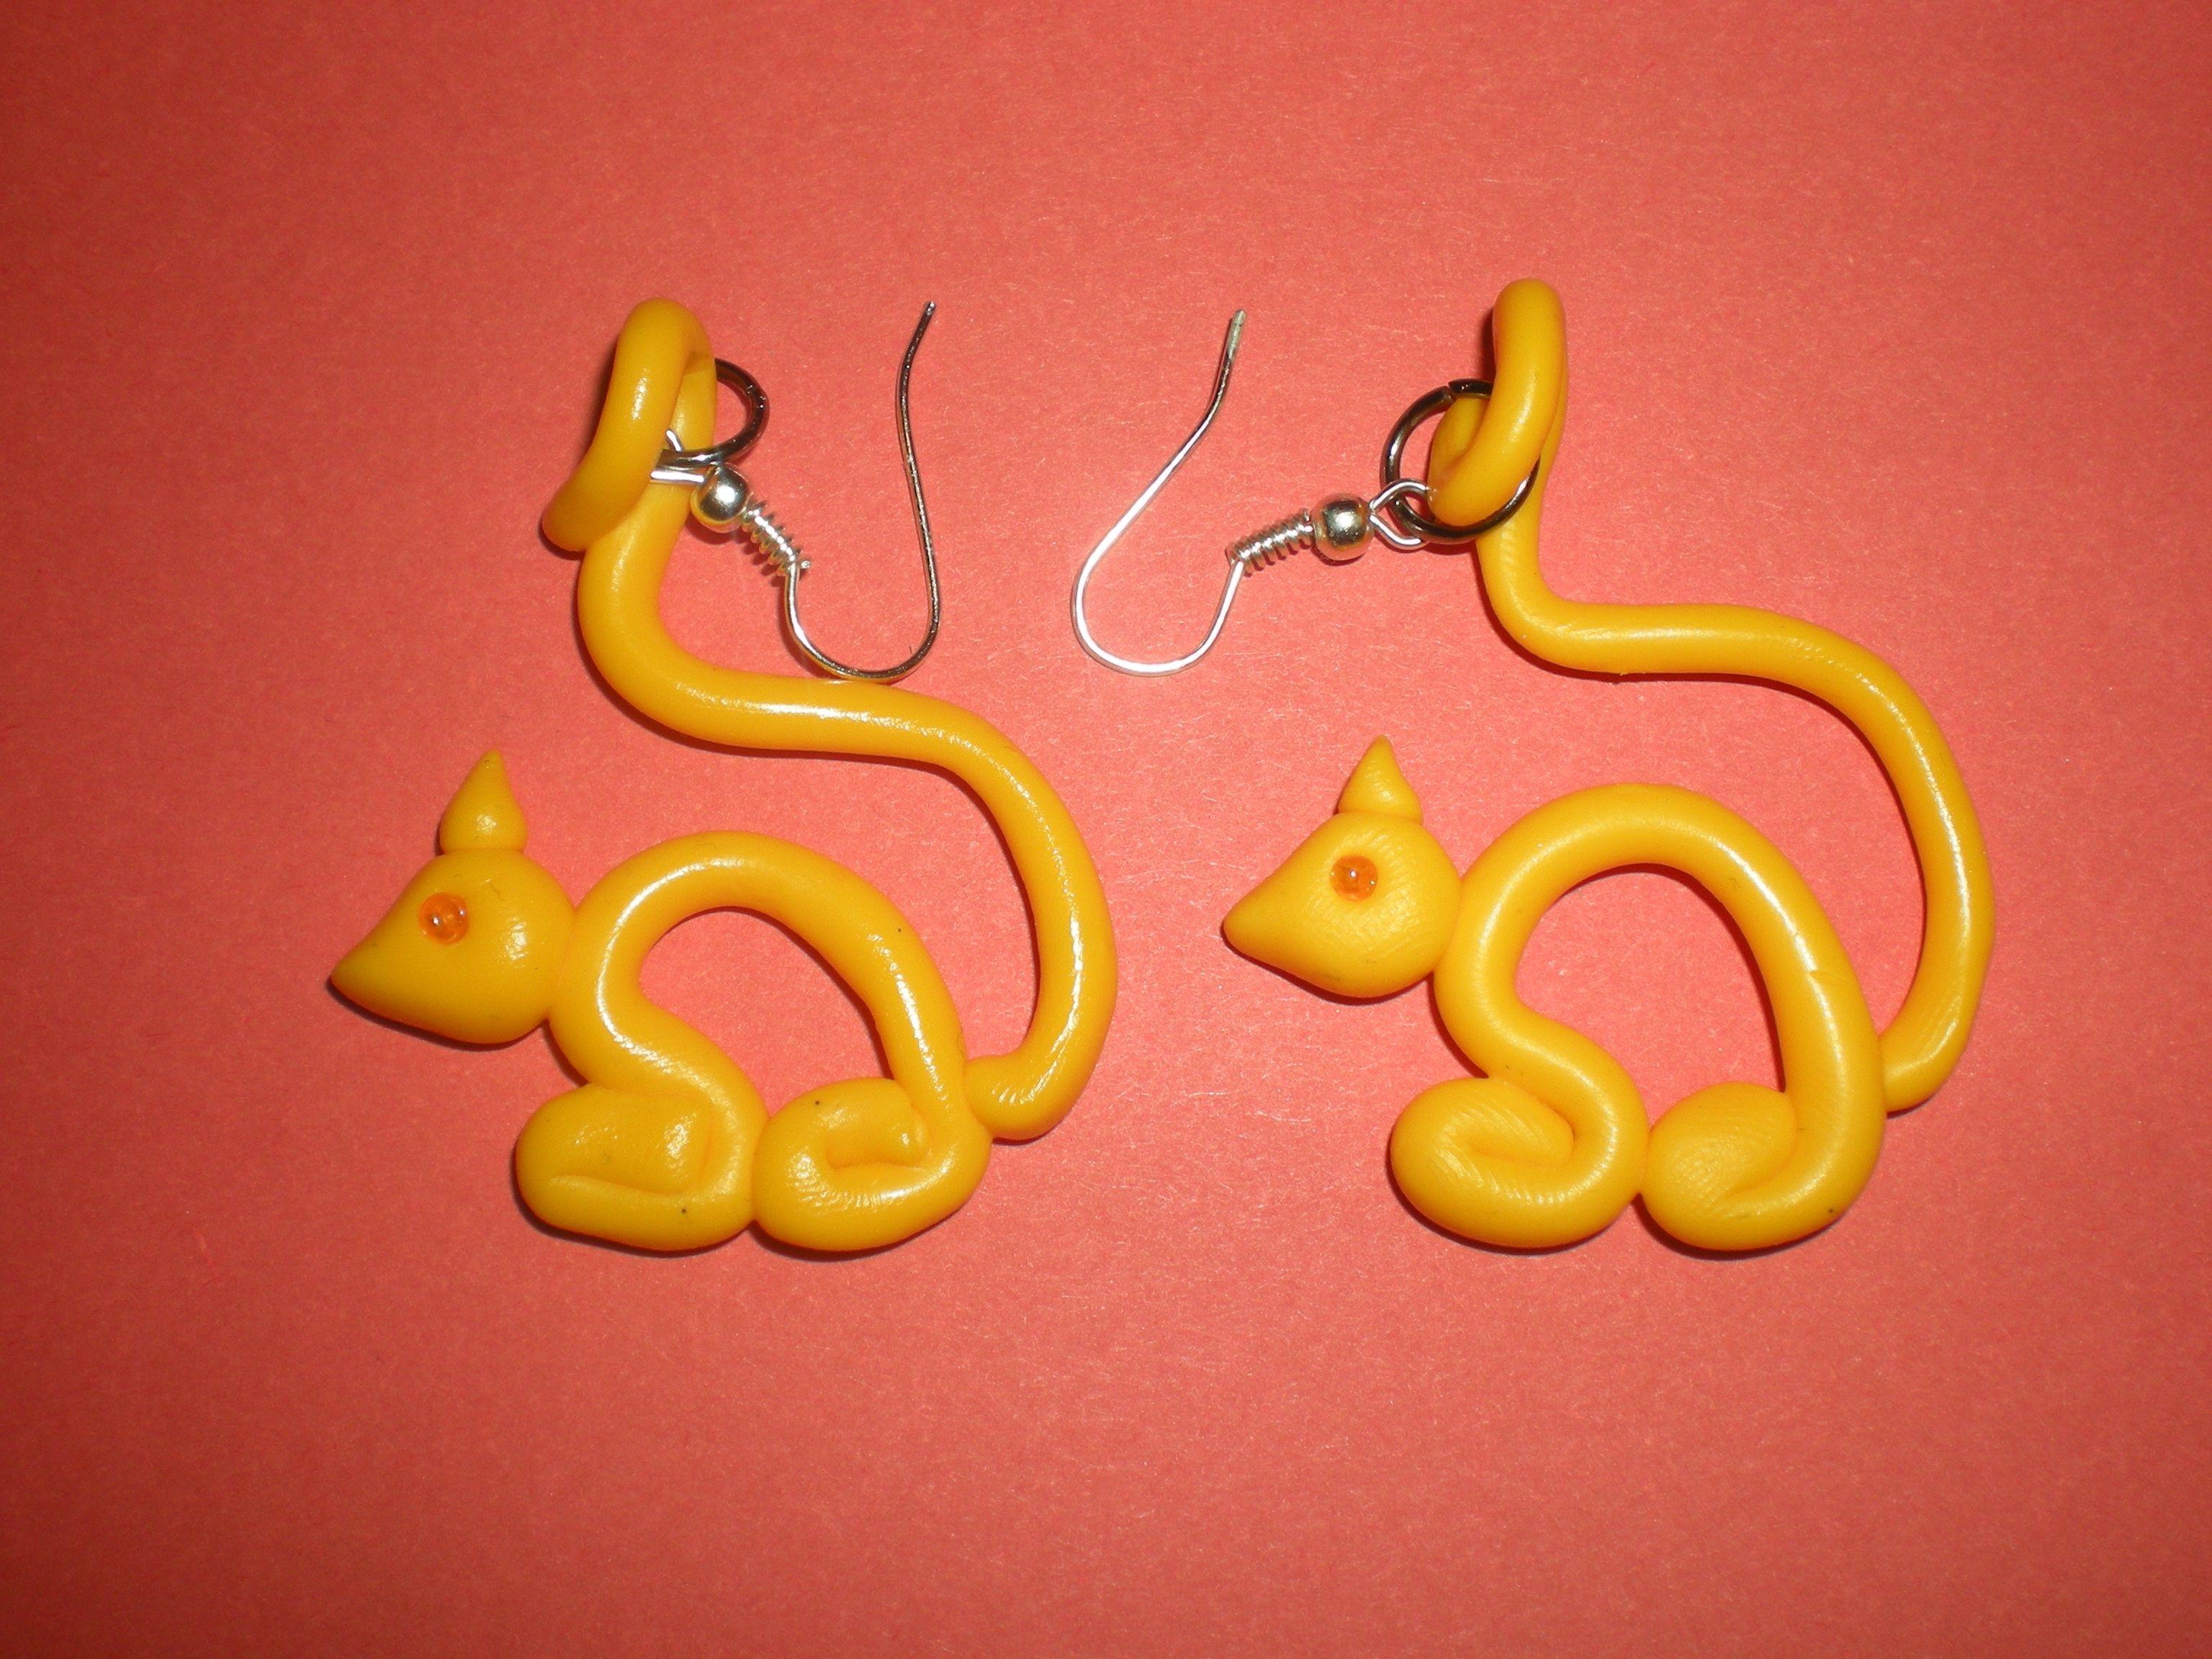 gatti gialli - #Fimo